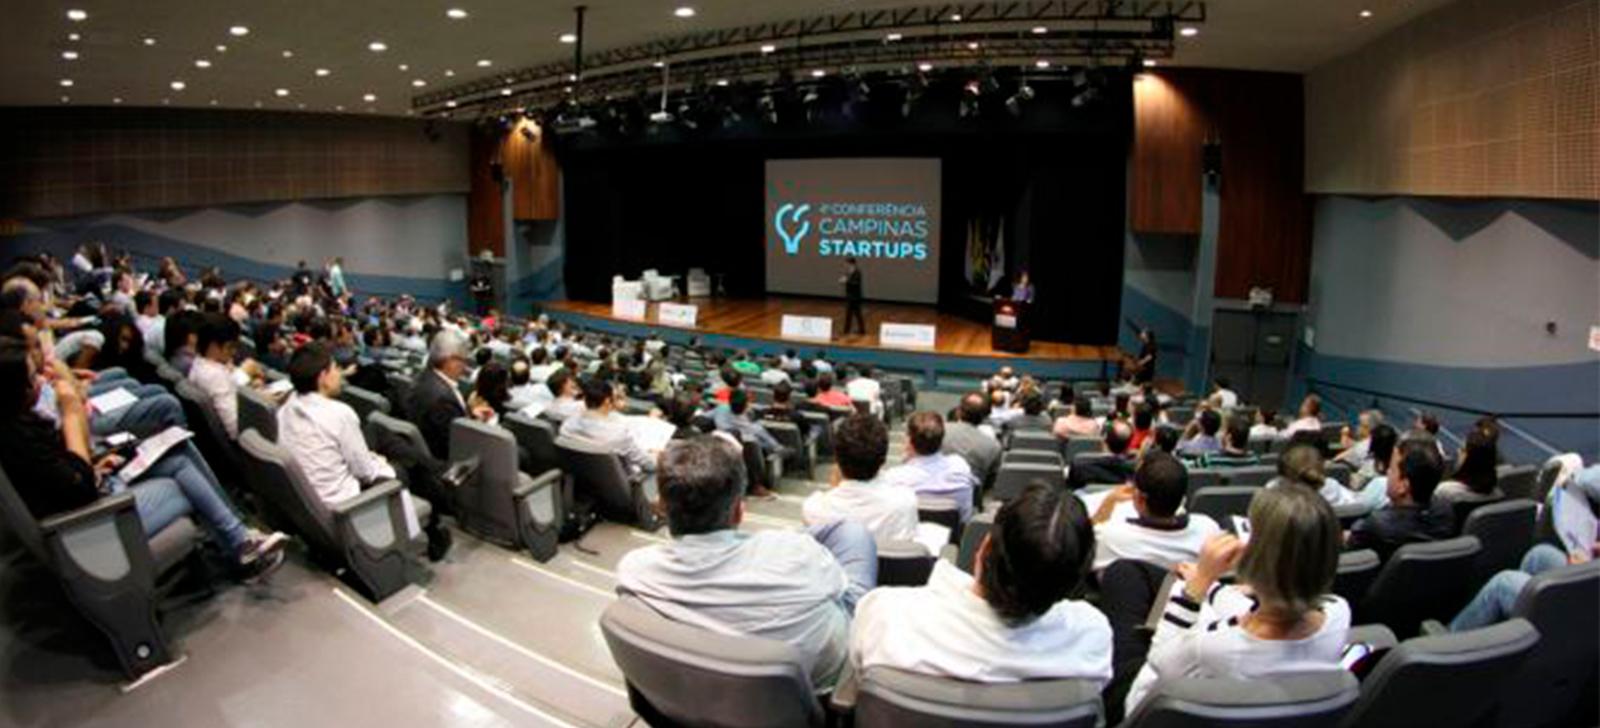 promip manejo integrado de pragas controle biologico conferencia campinas startups